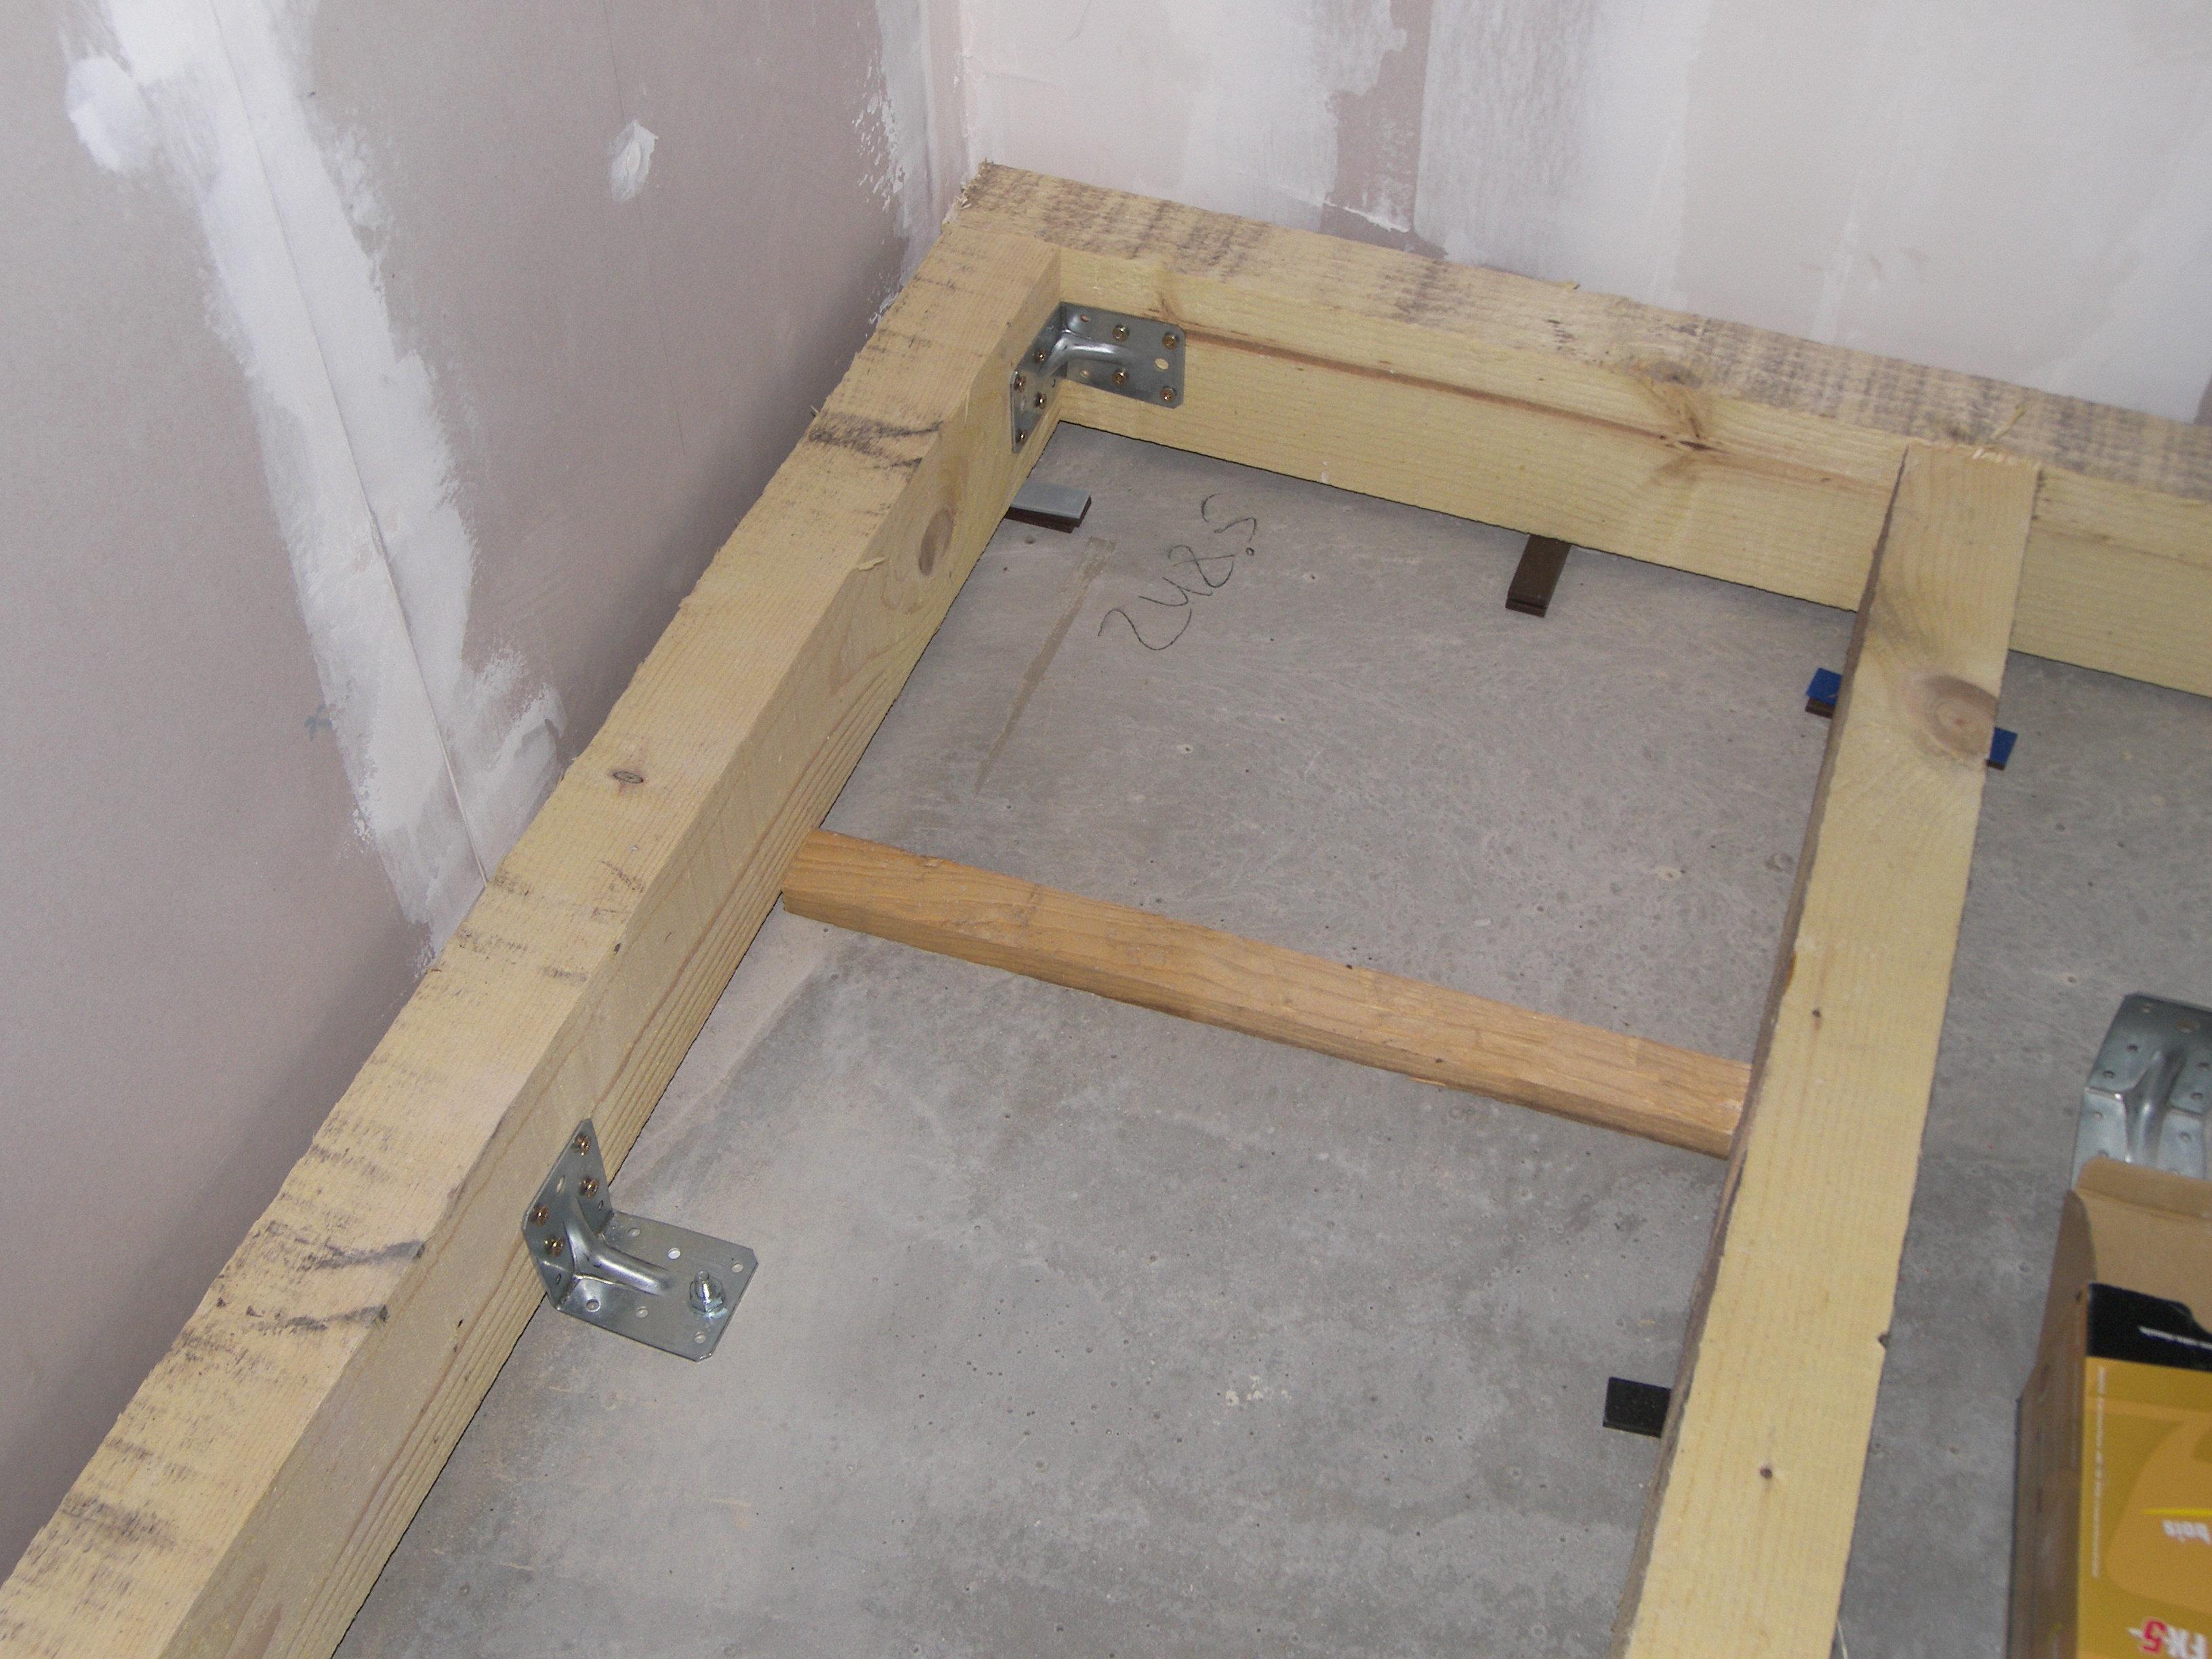 plancher bois isolé sur dalle béton - 8 messages - Isolation Sol Salle De Bain